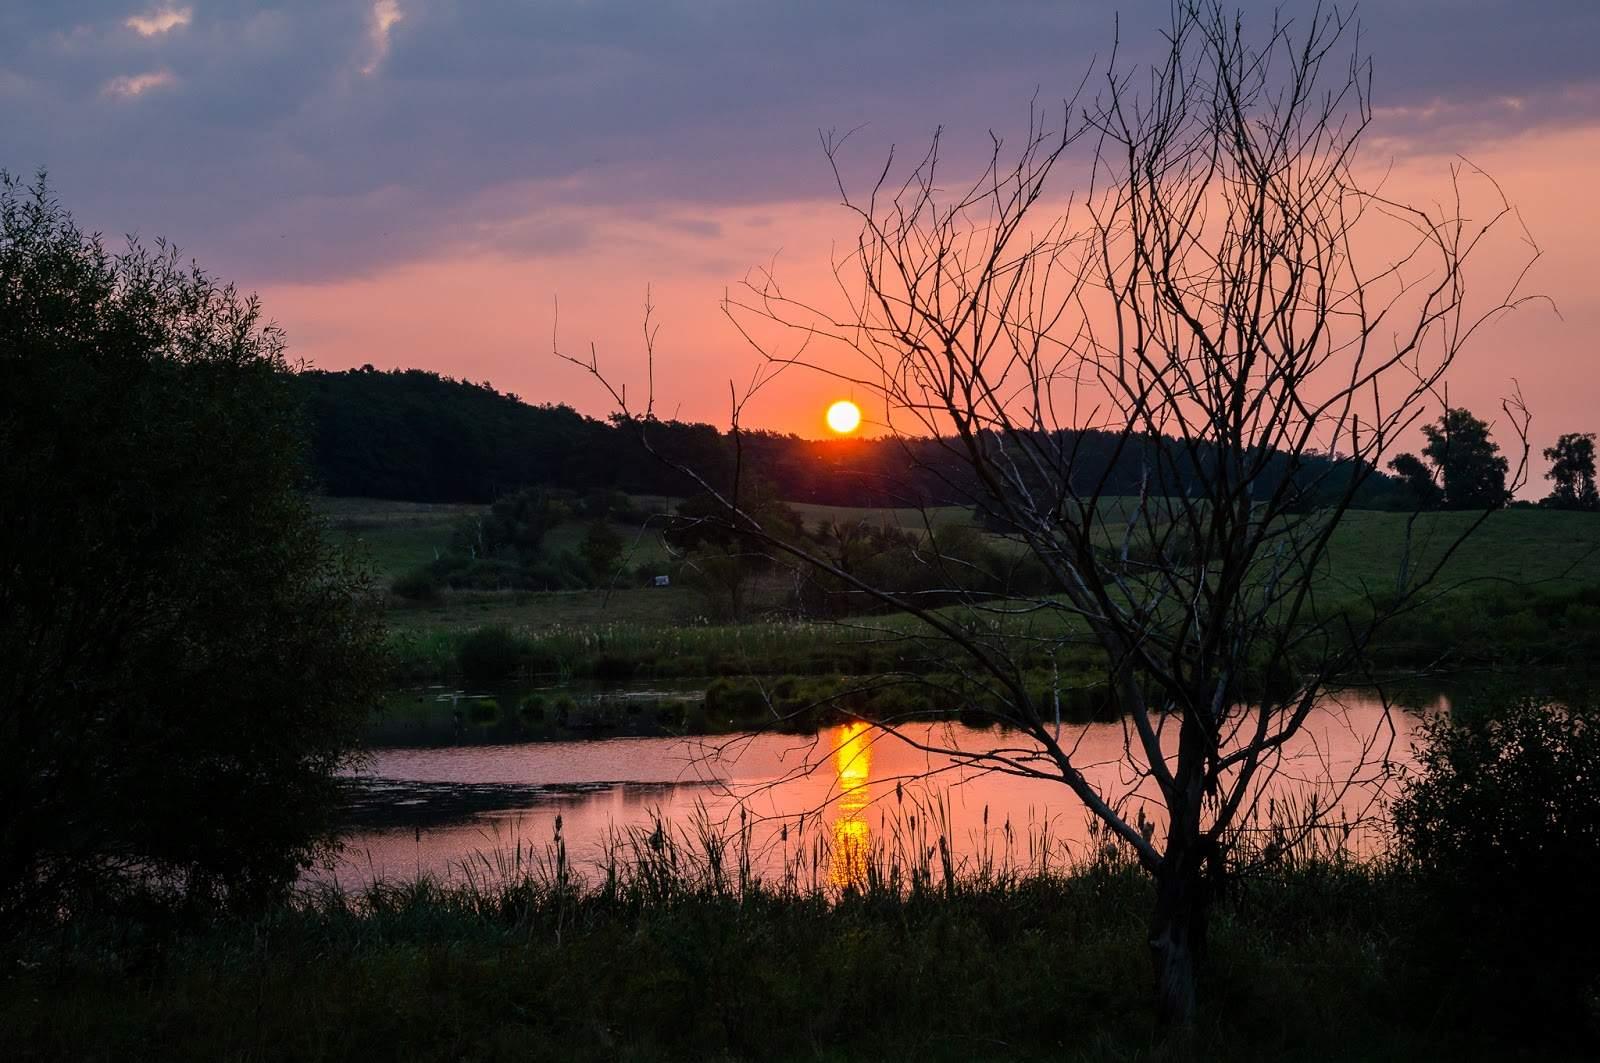 4f53e Buckowseerinne Sonnenaufgang